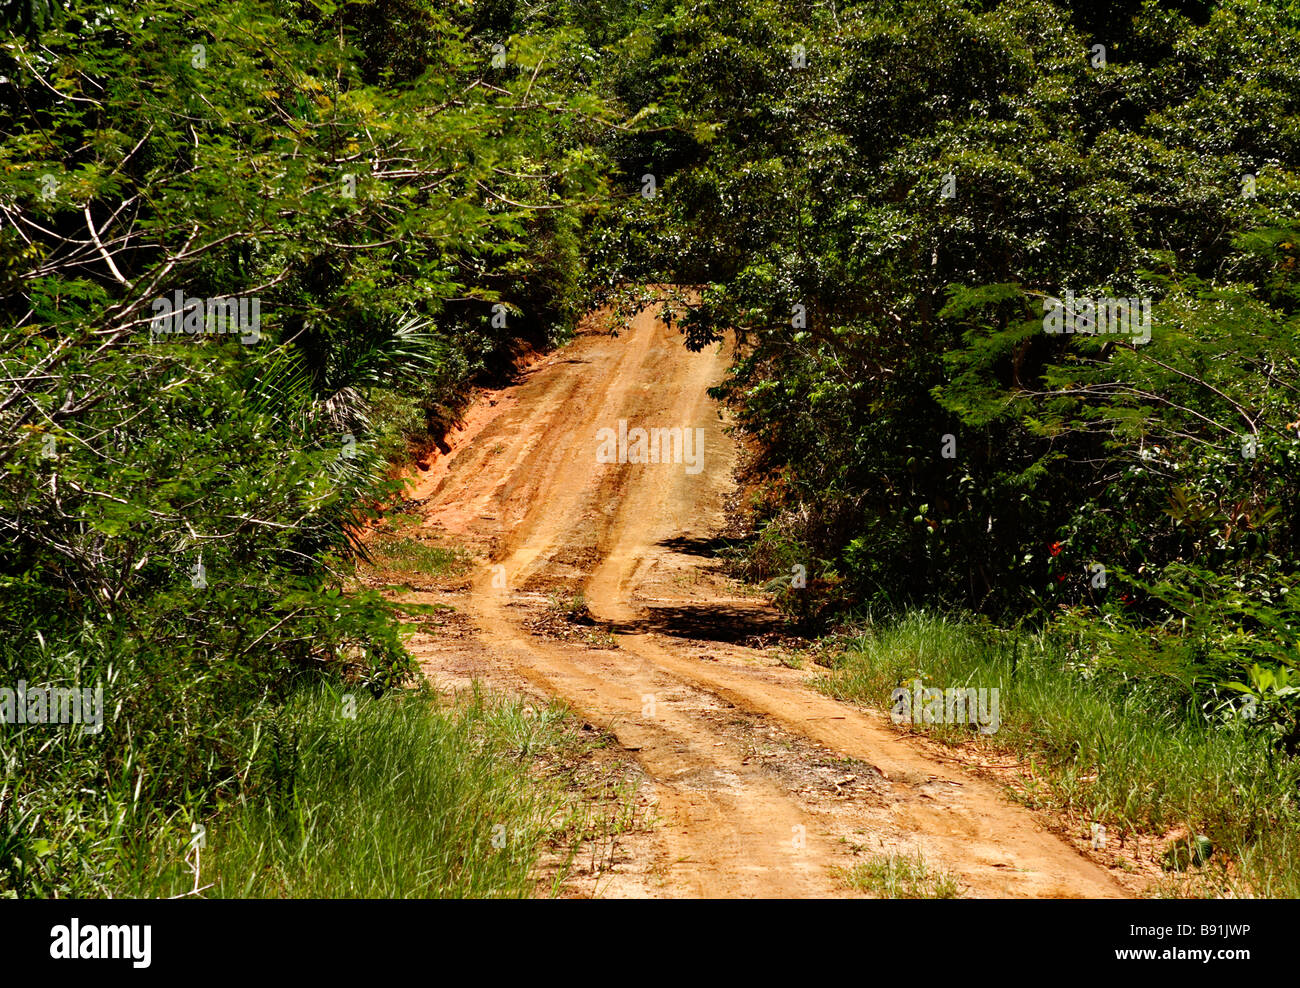 Sand road in Ecoparque de Una Atlantic Rainforest Mata Atlântica Bahia Brazil South America - Stock Image